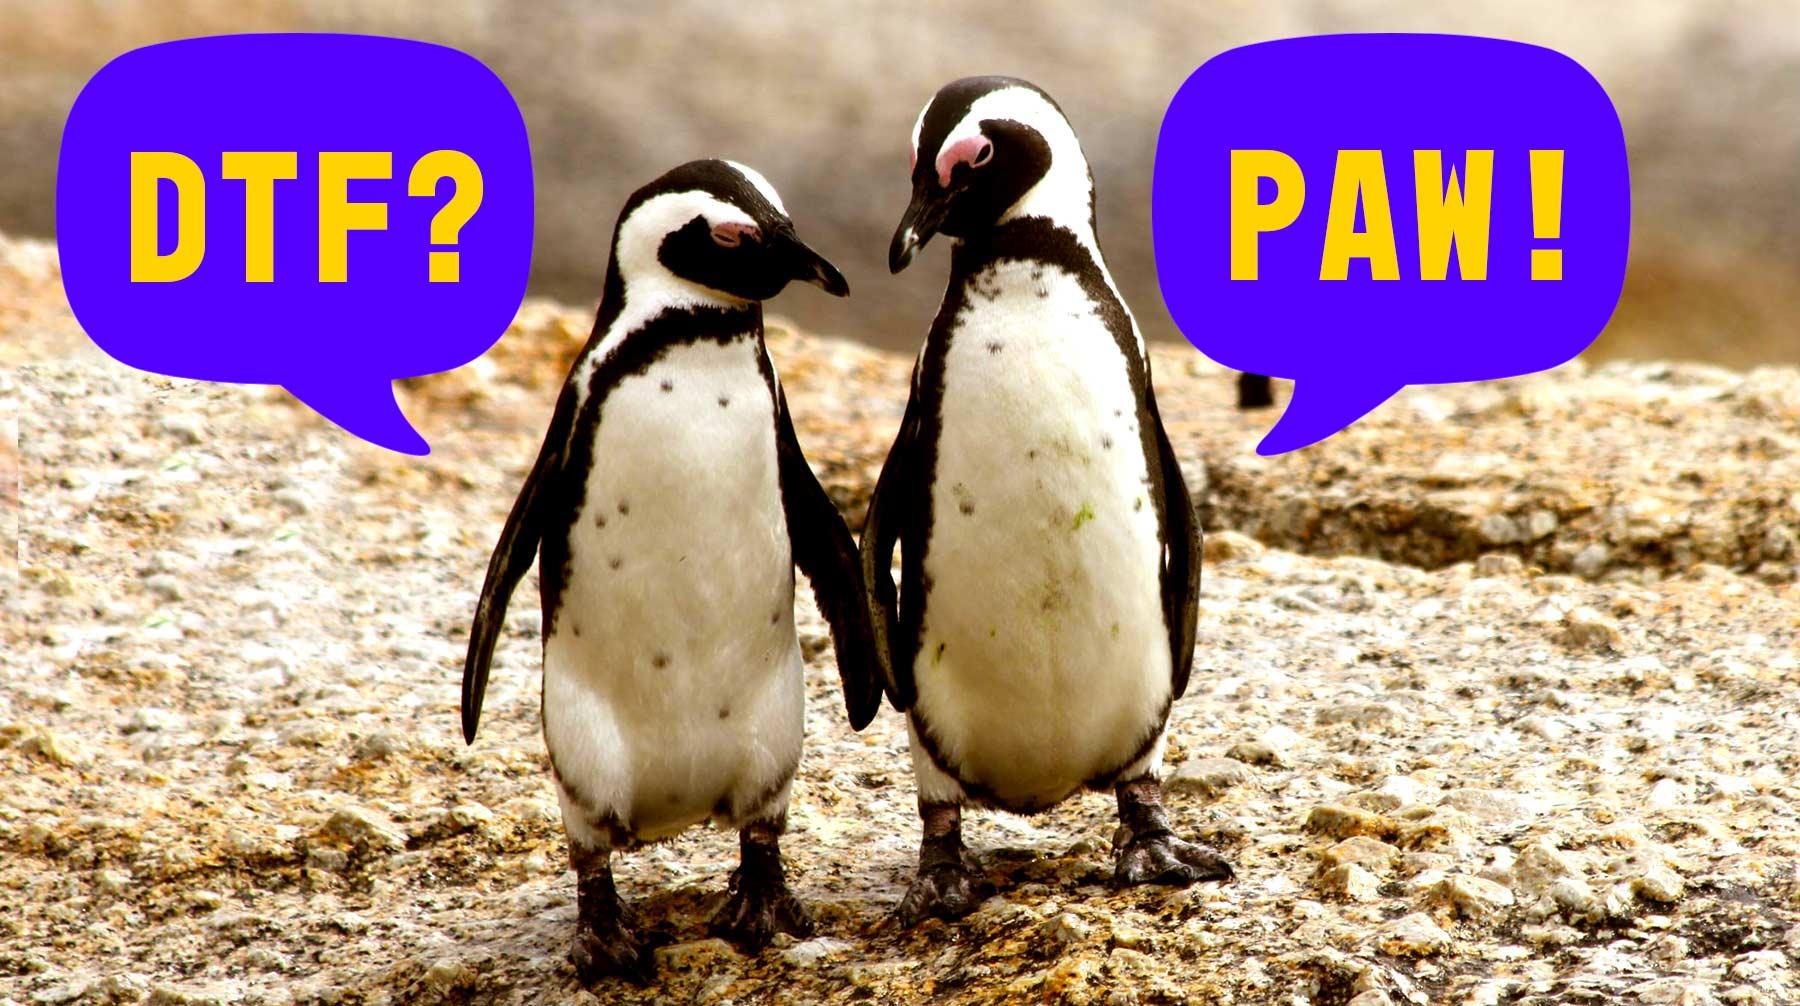 """Två pingviner som går bredvid varandra. En pingvin frågar """"DTF?"""" och den andra svarar """"PAW!""""."""